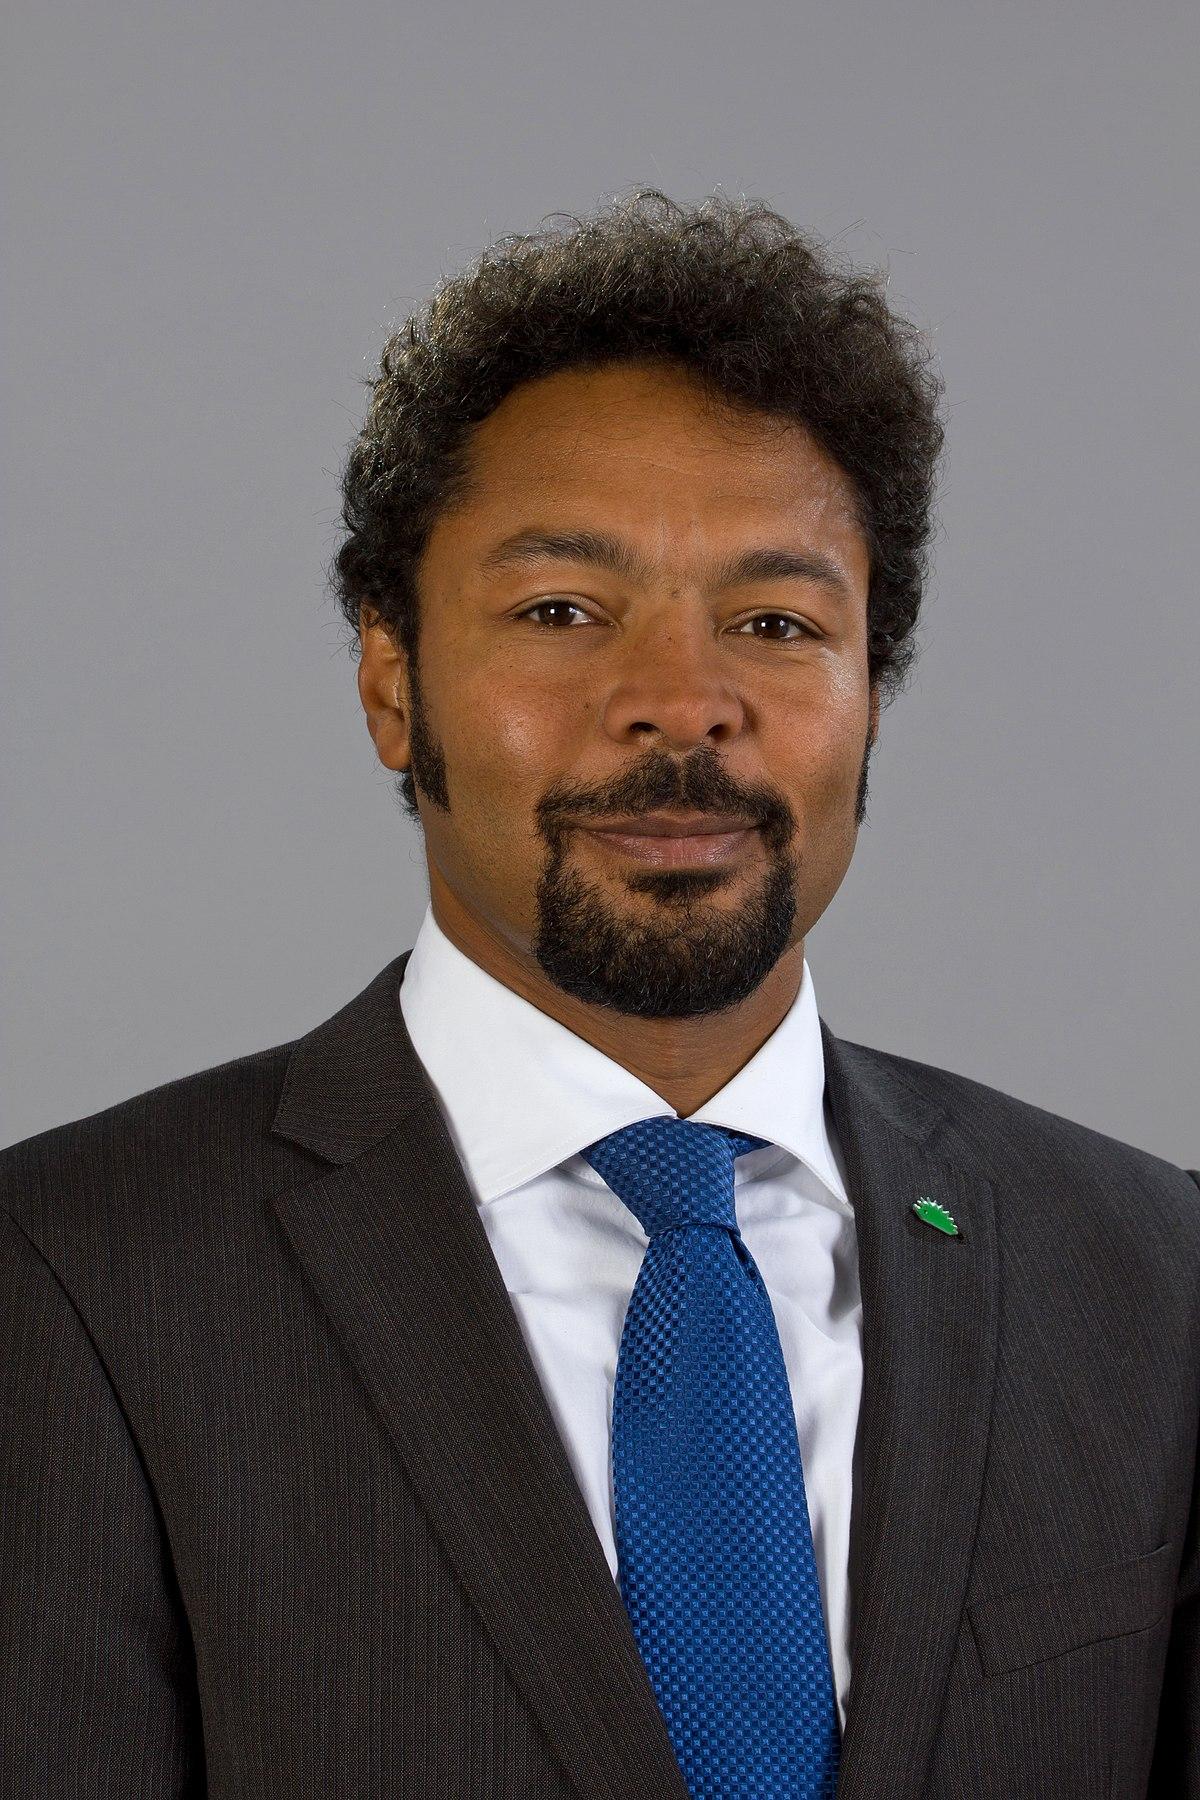 Bola Olalowo - Wikipedia